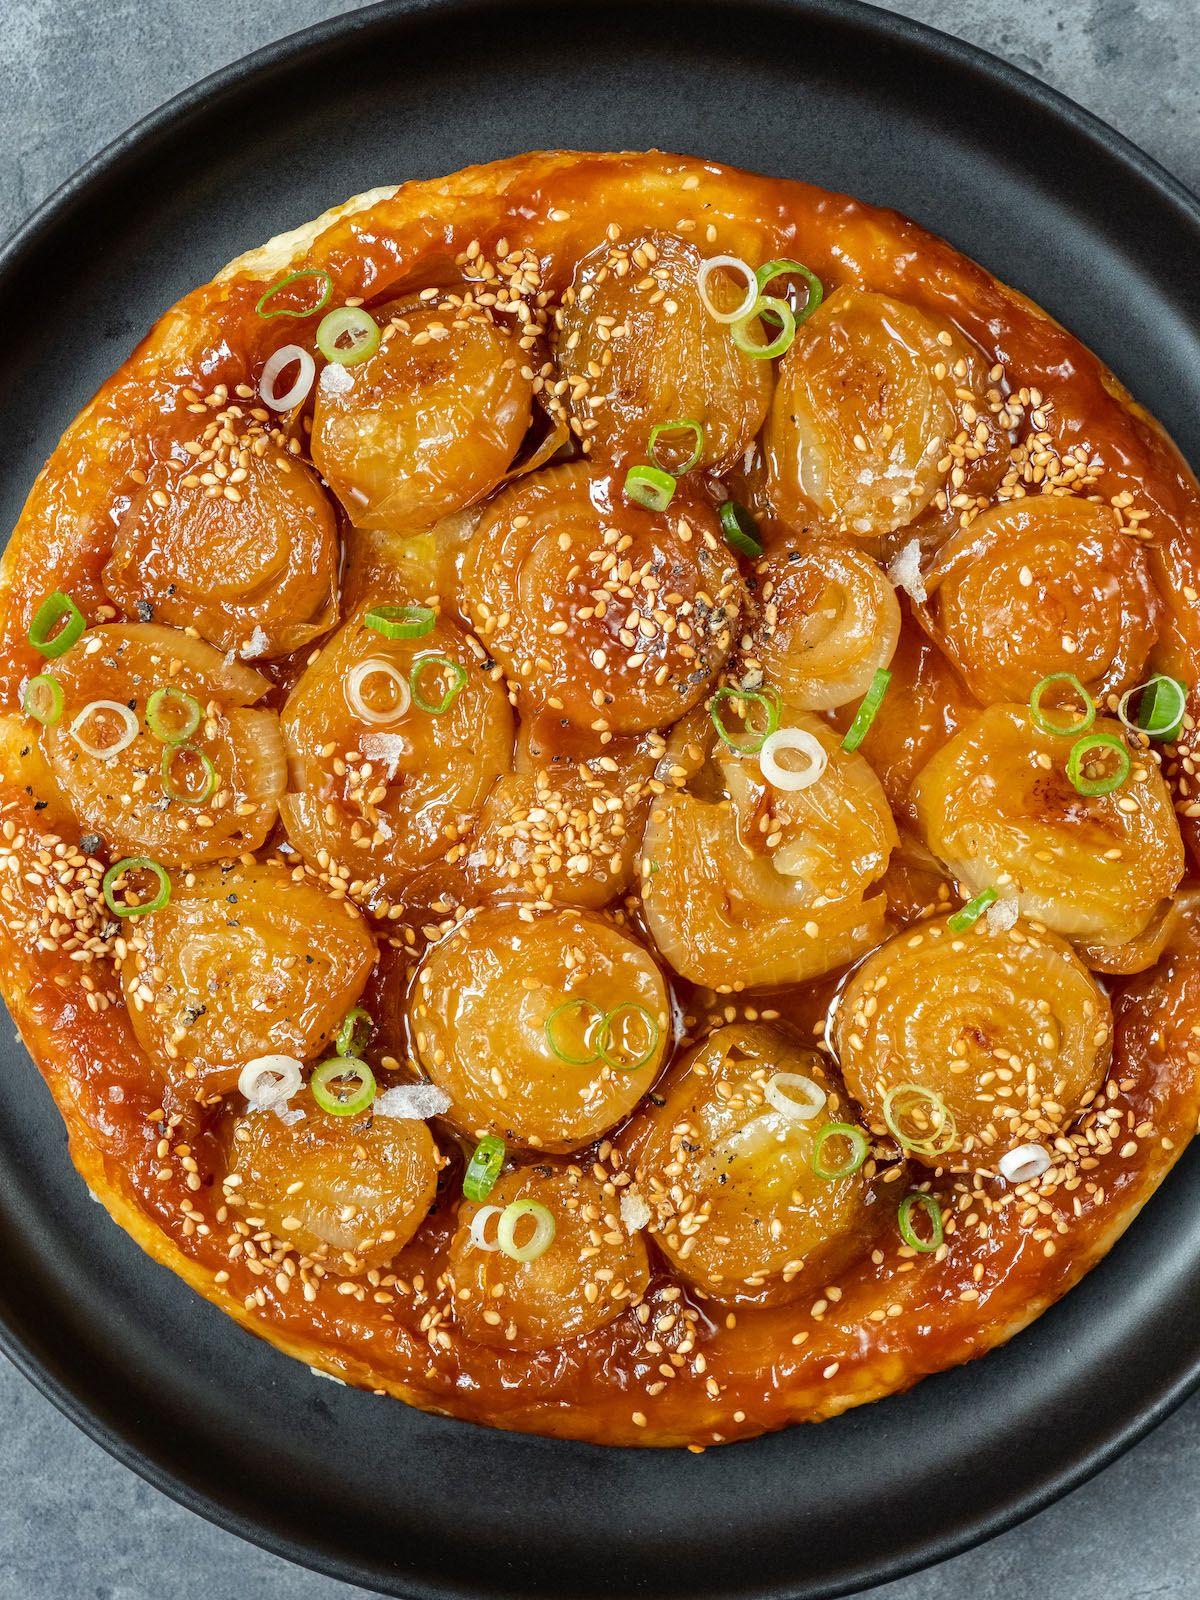 Rezept About Fuel Foodblog Zwiebel Tart Tatin Sesam, Frühlingszwiebeln, Blätterteig